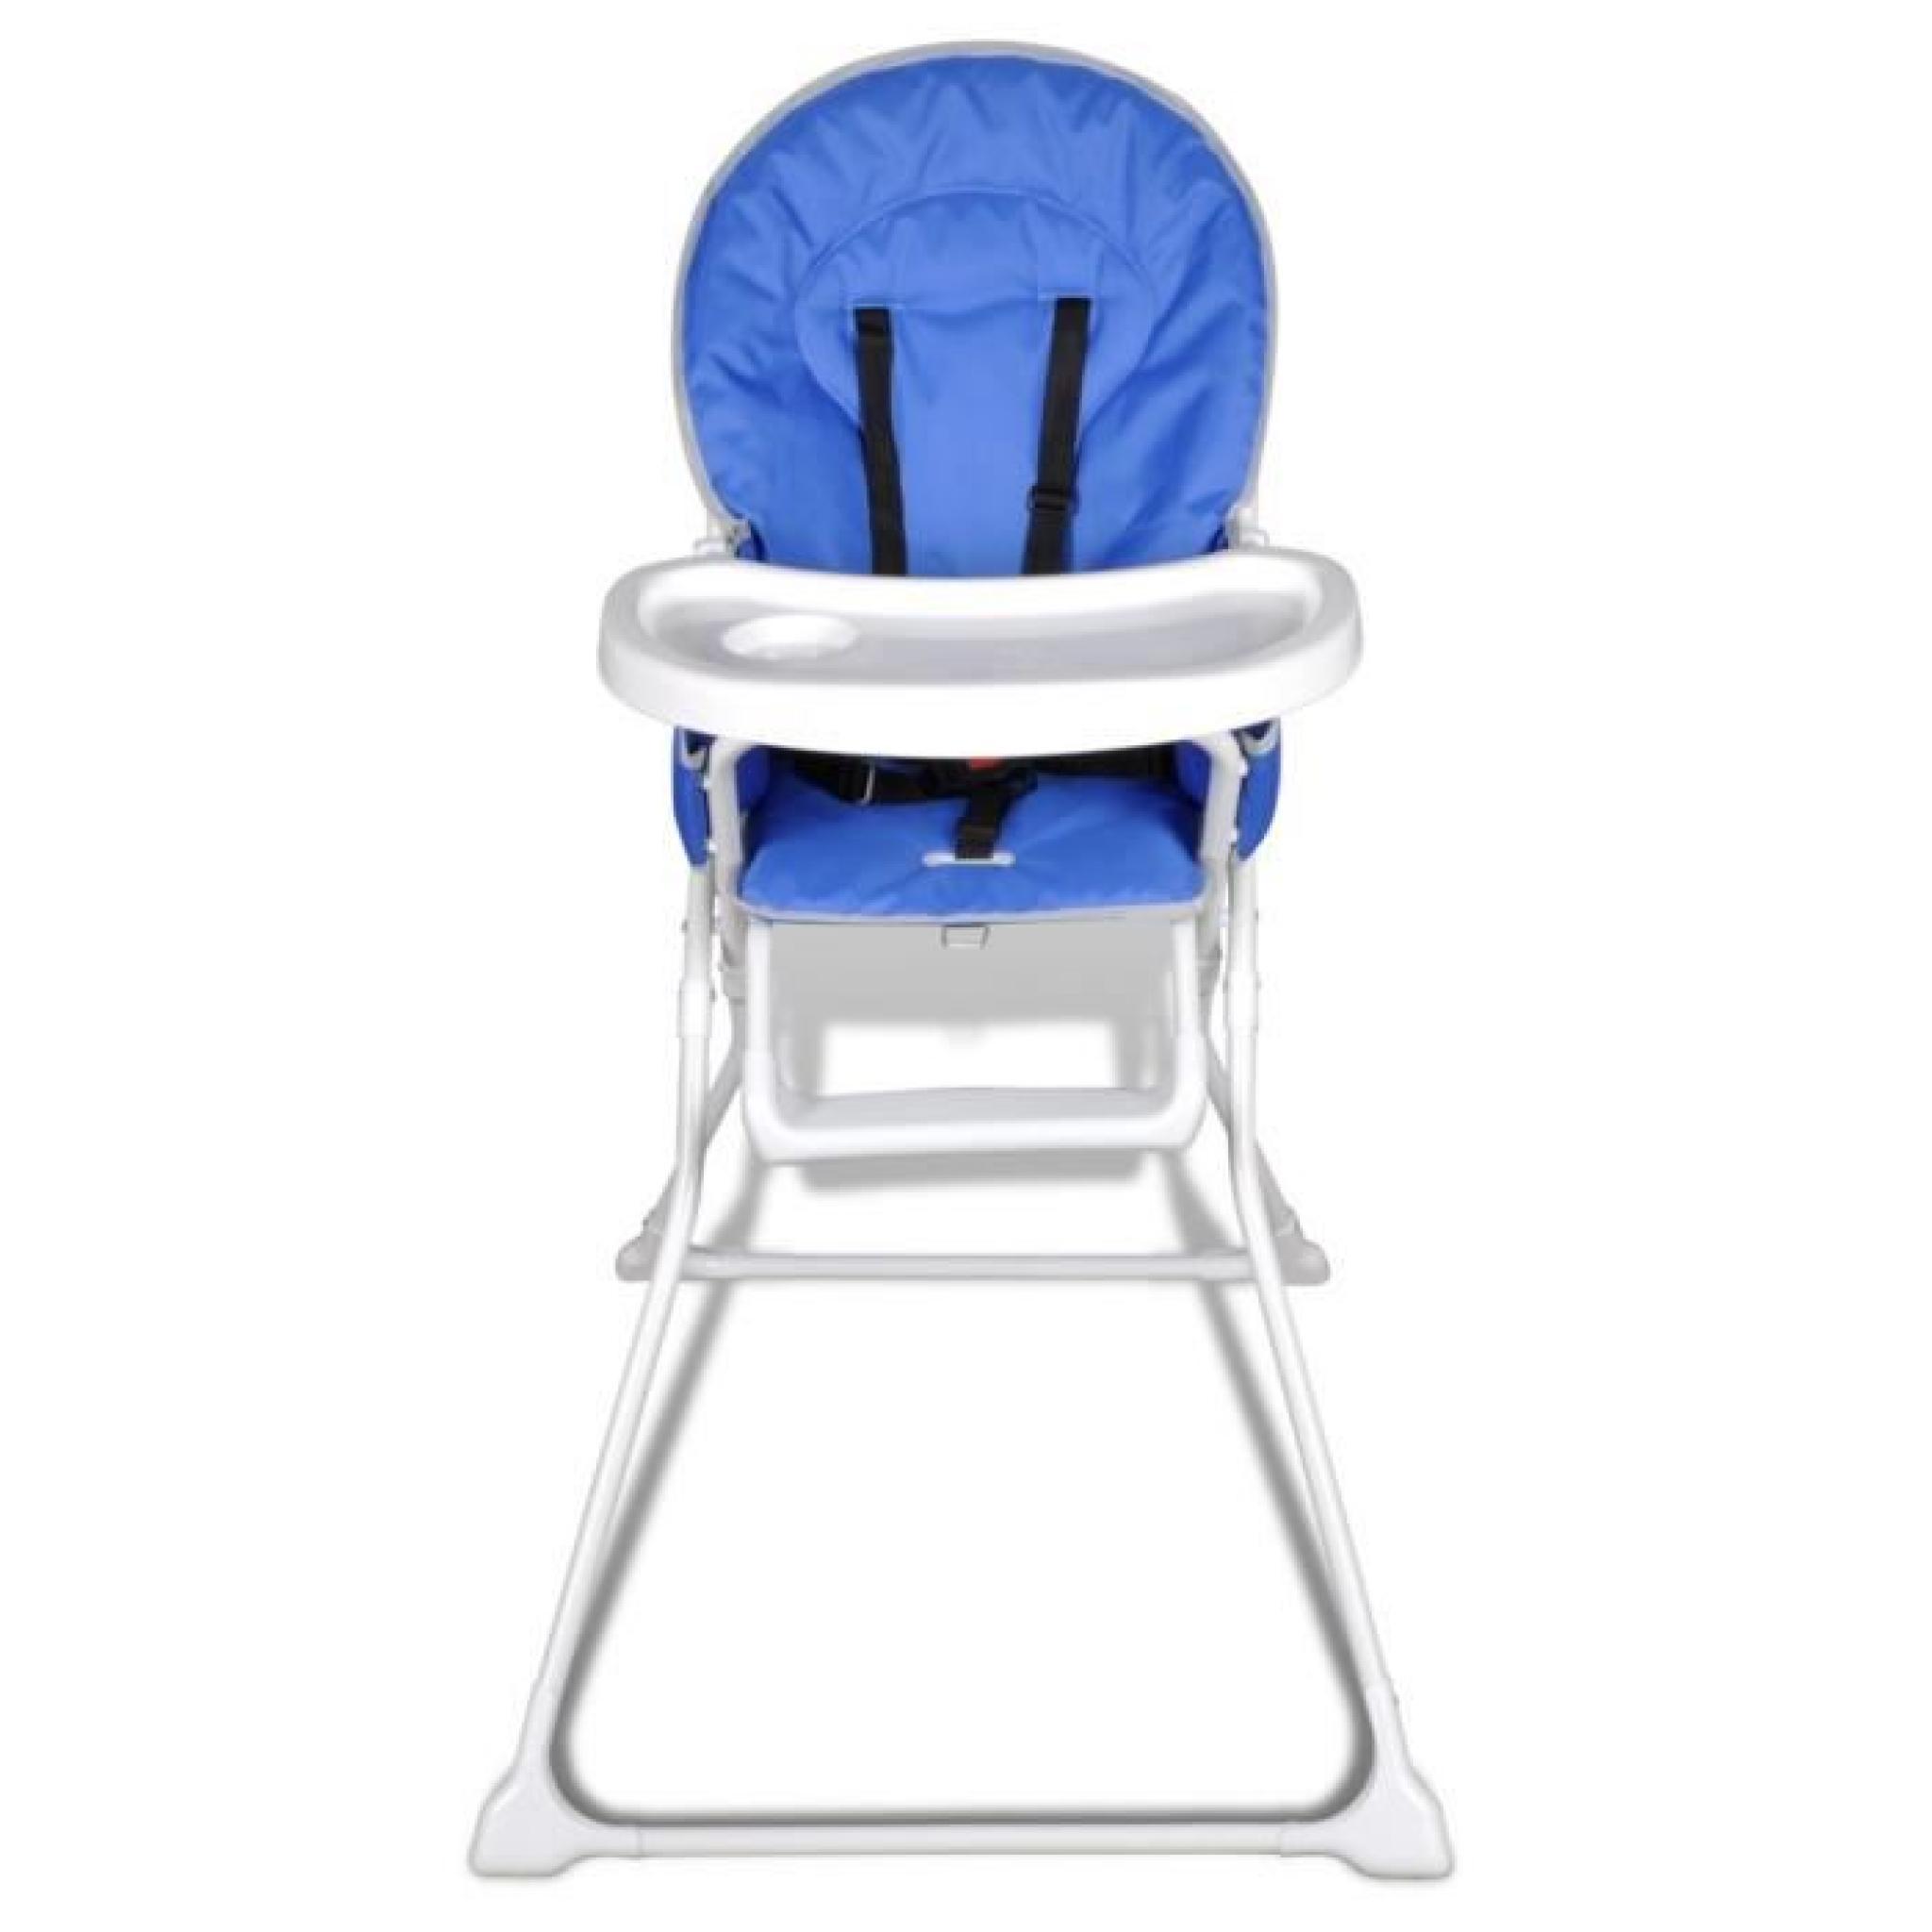 magnifique chaise haute de bebe bleue achat vente chaise salle a manger pas cher couleur et design fr